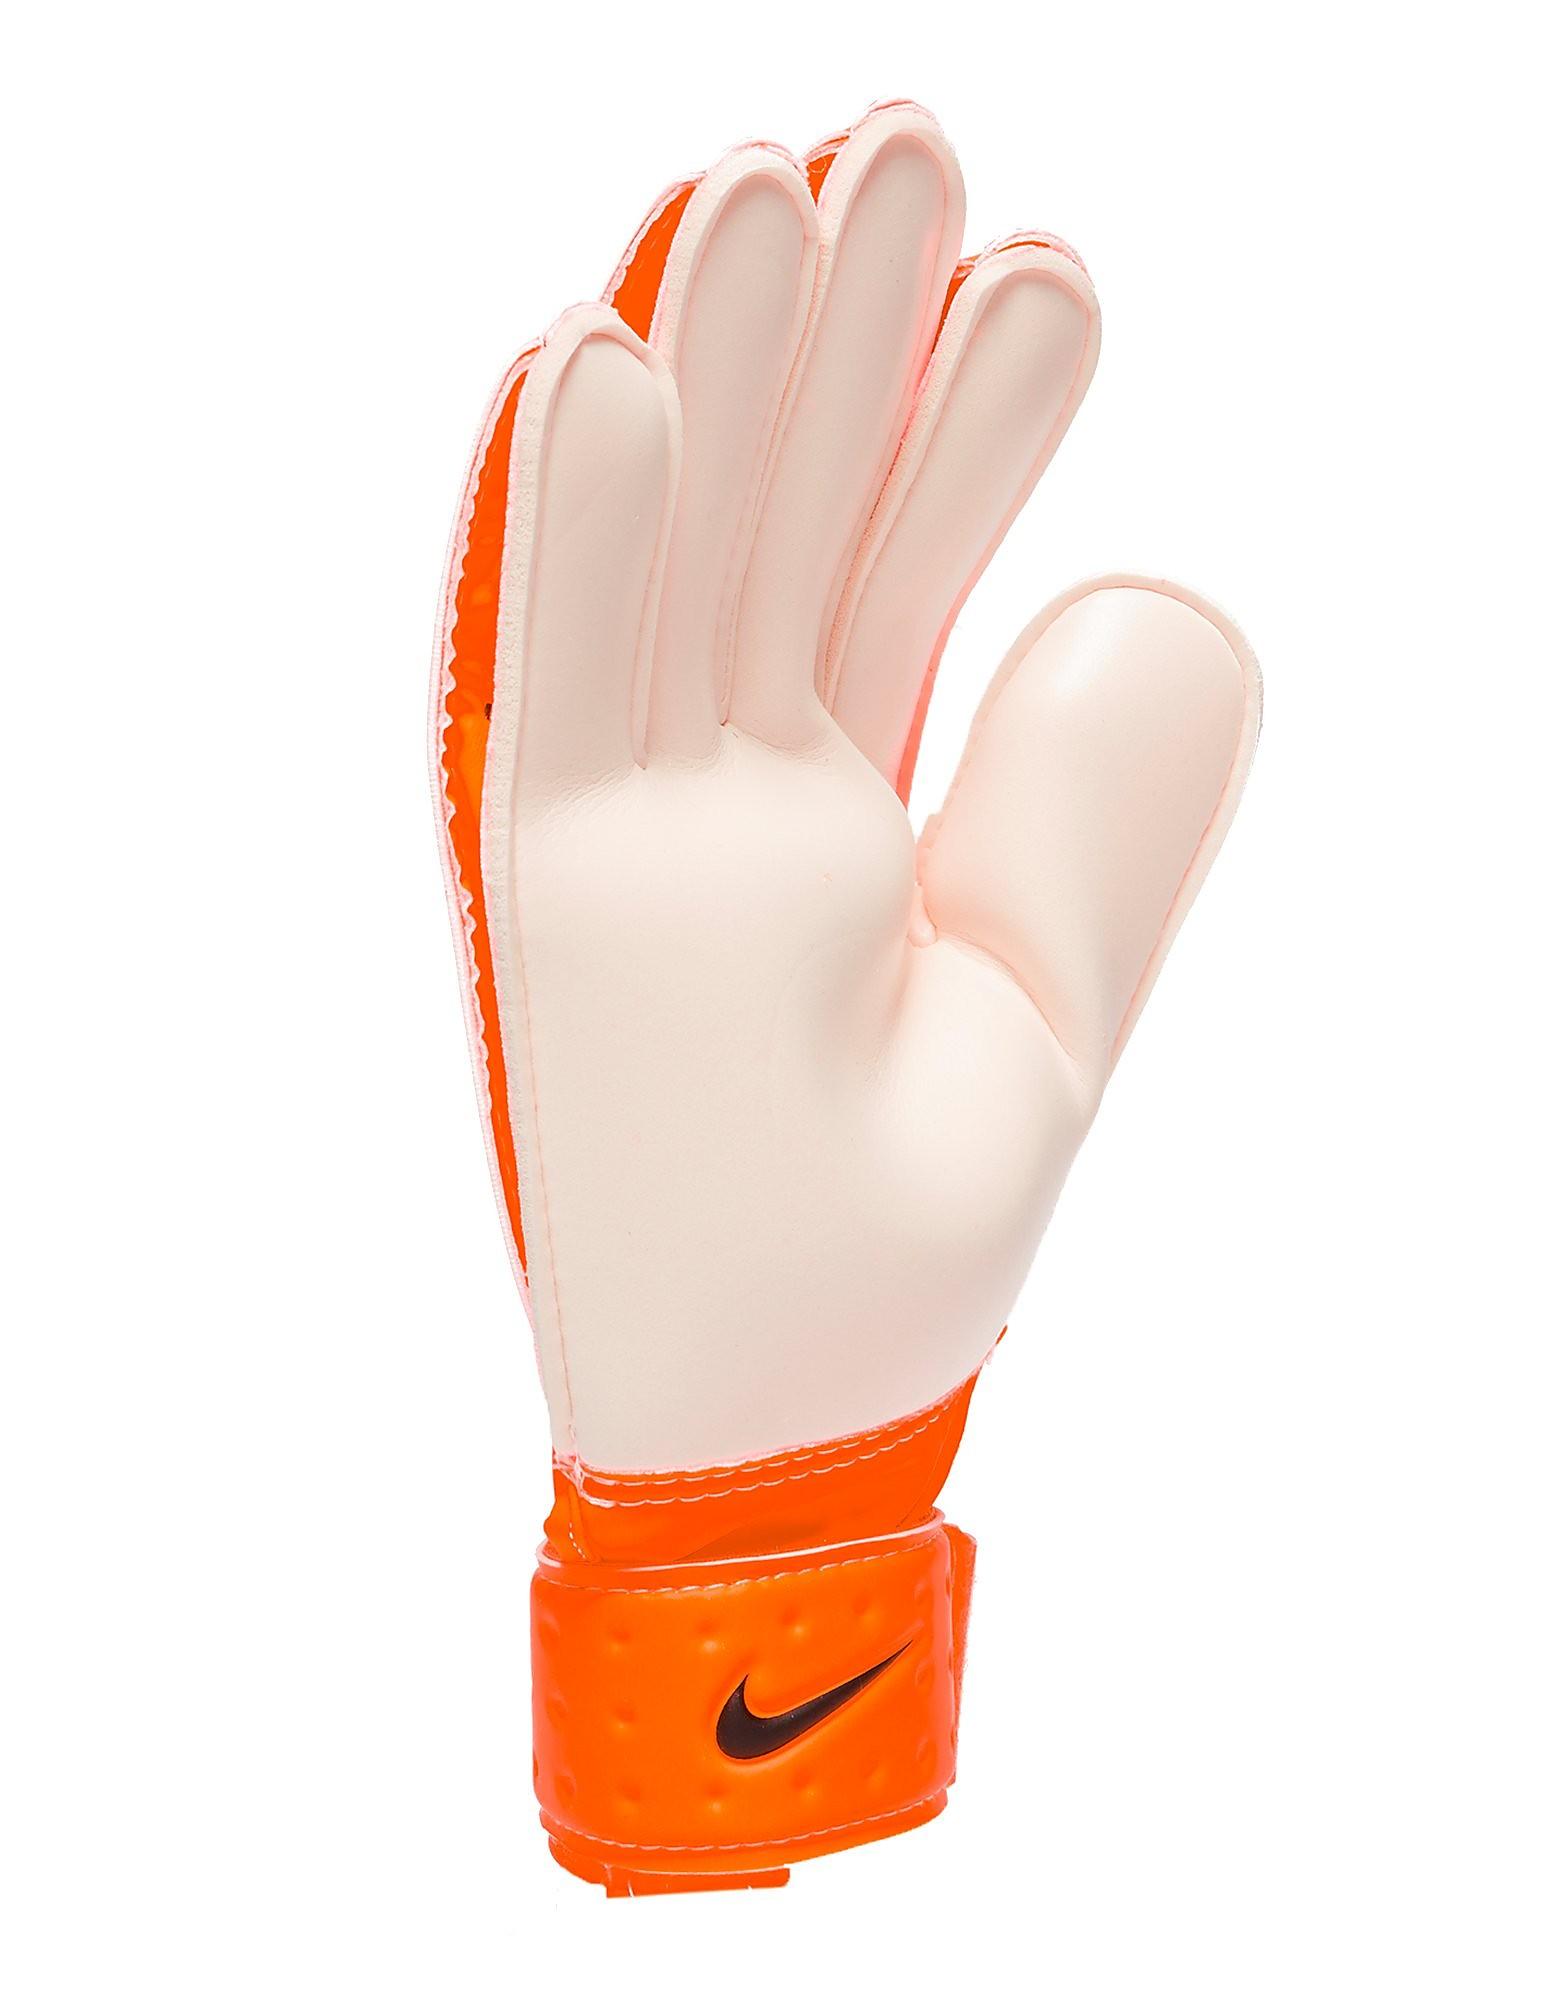 Nike Match Goal Guanti da Calcio